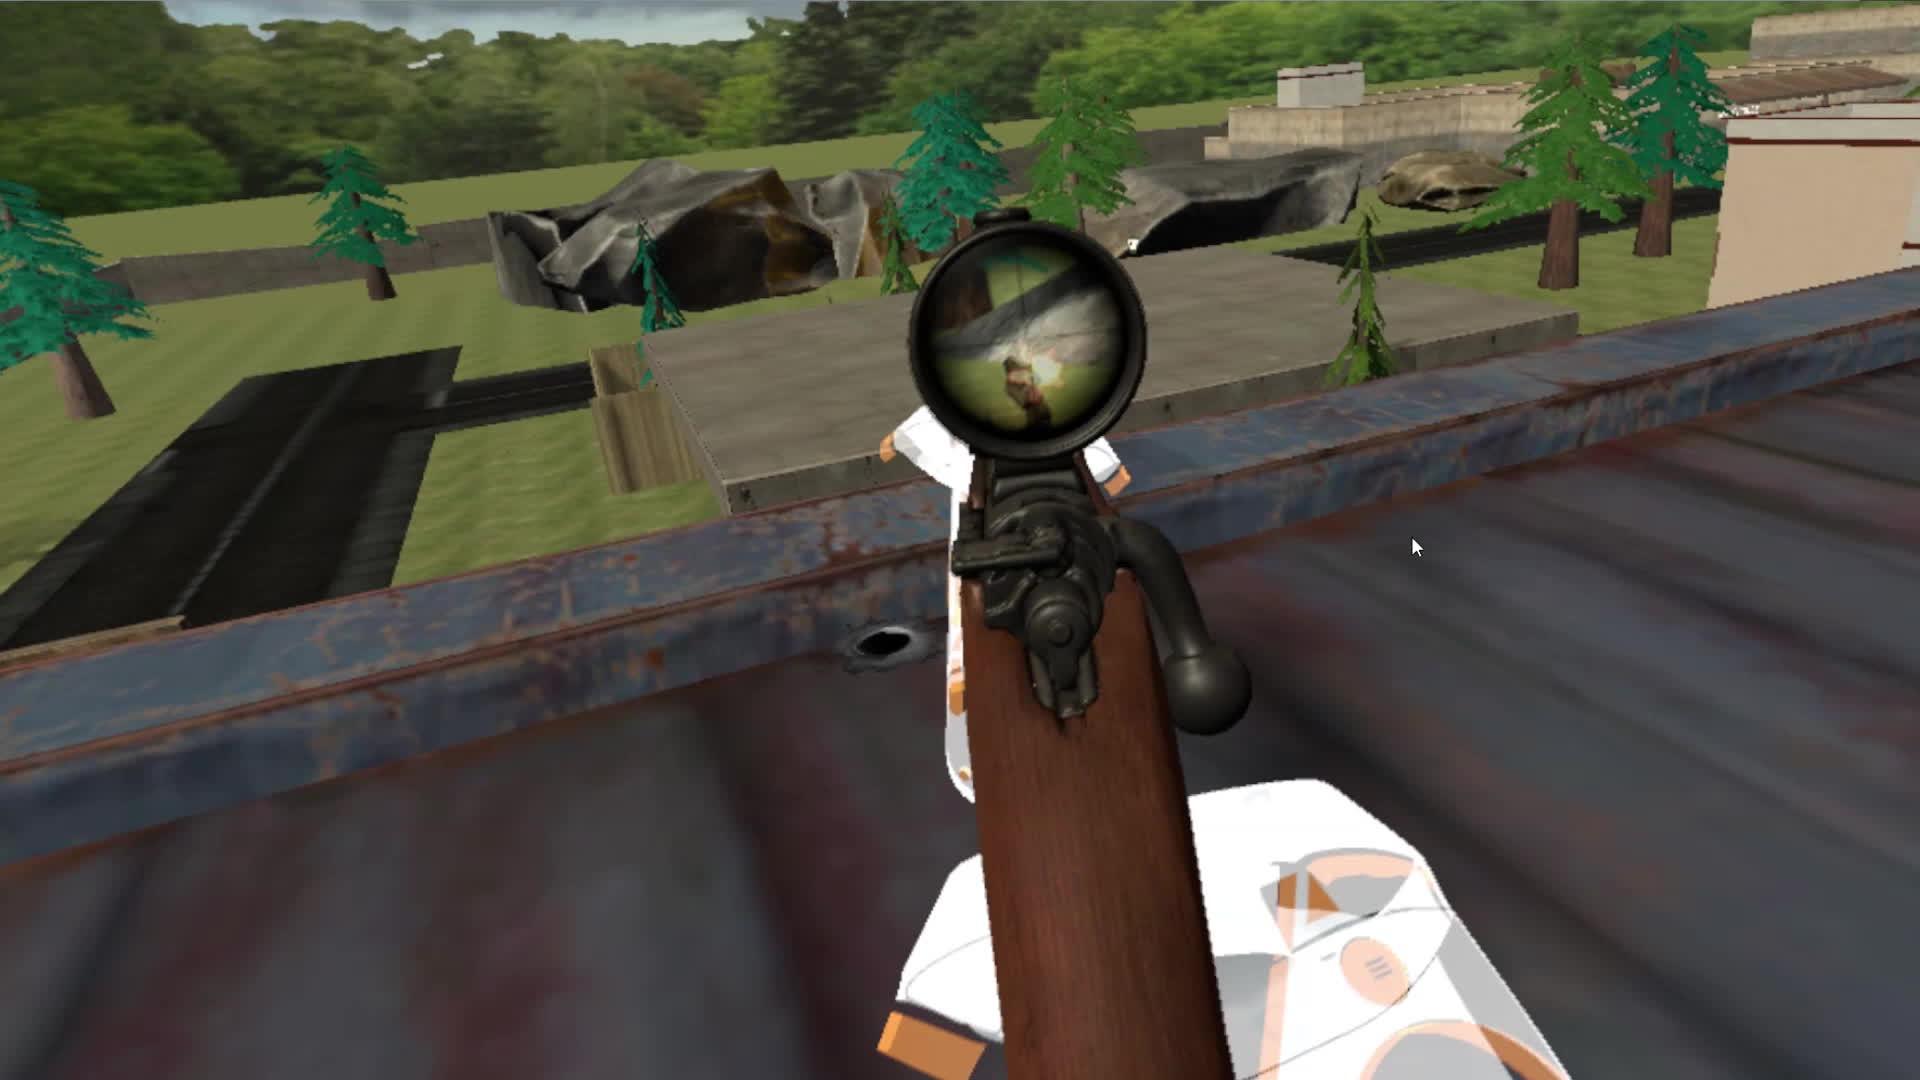 gaming, virtual reality, vr, VR Sniping GIFs